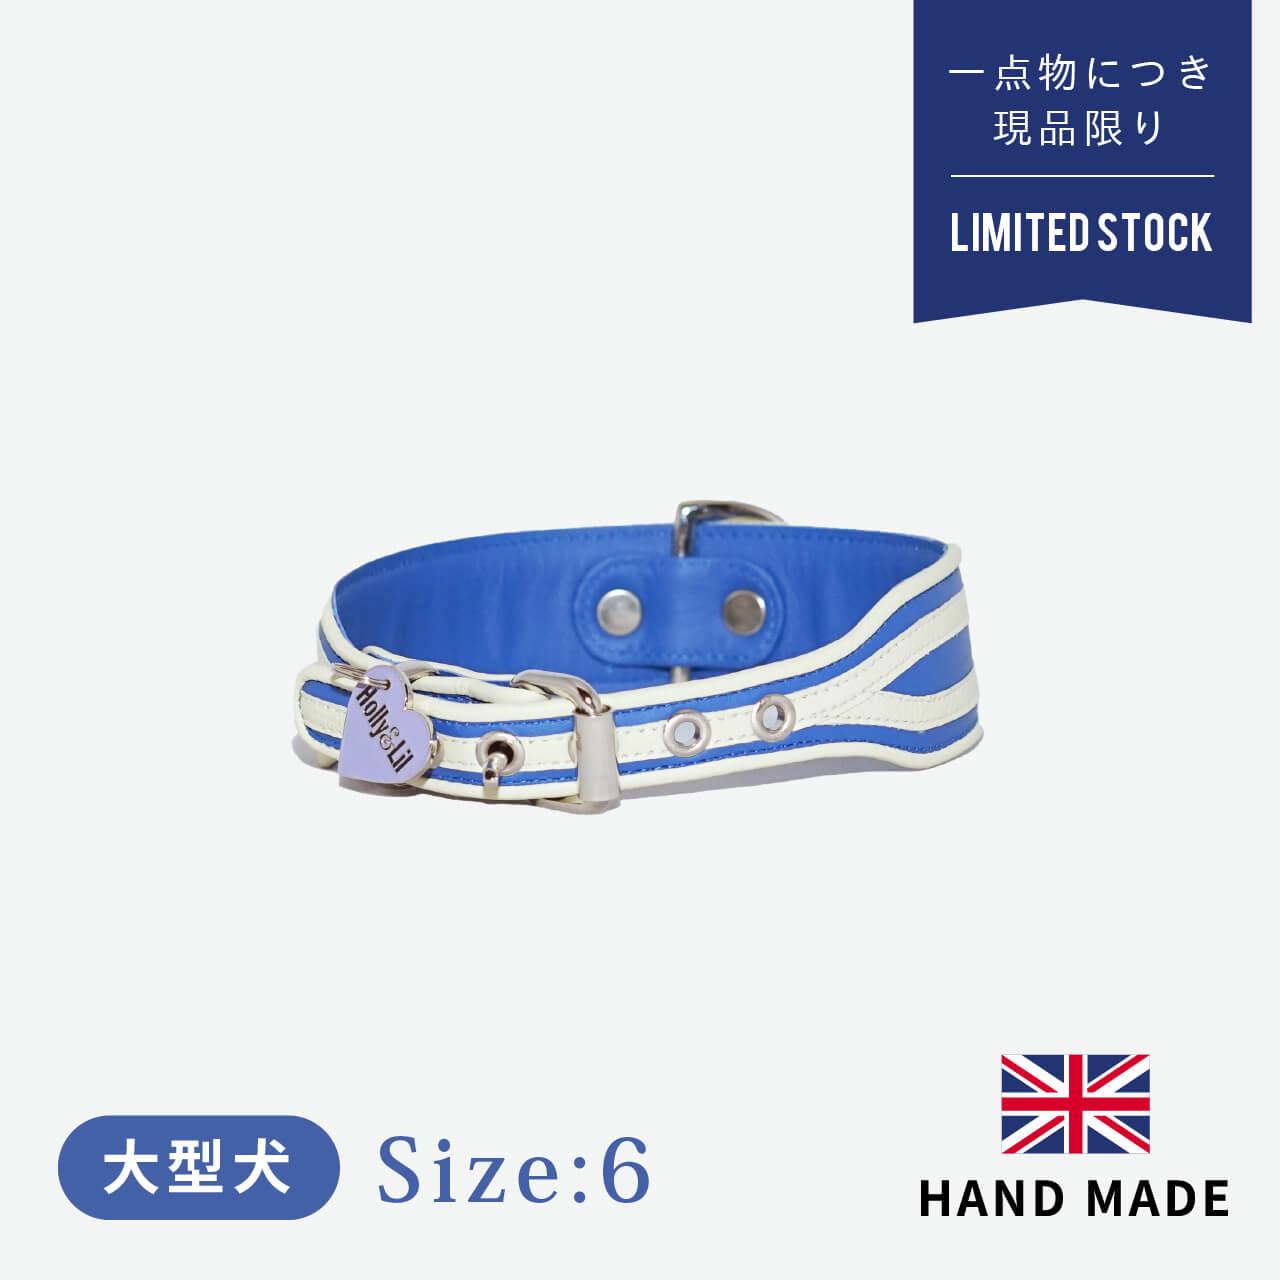 ホリー&リル マンハッタン カラー(首輪) size6